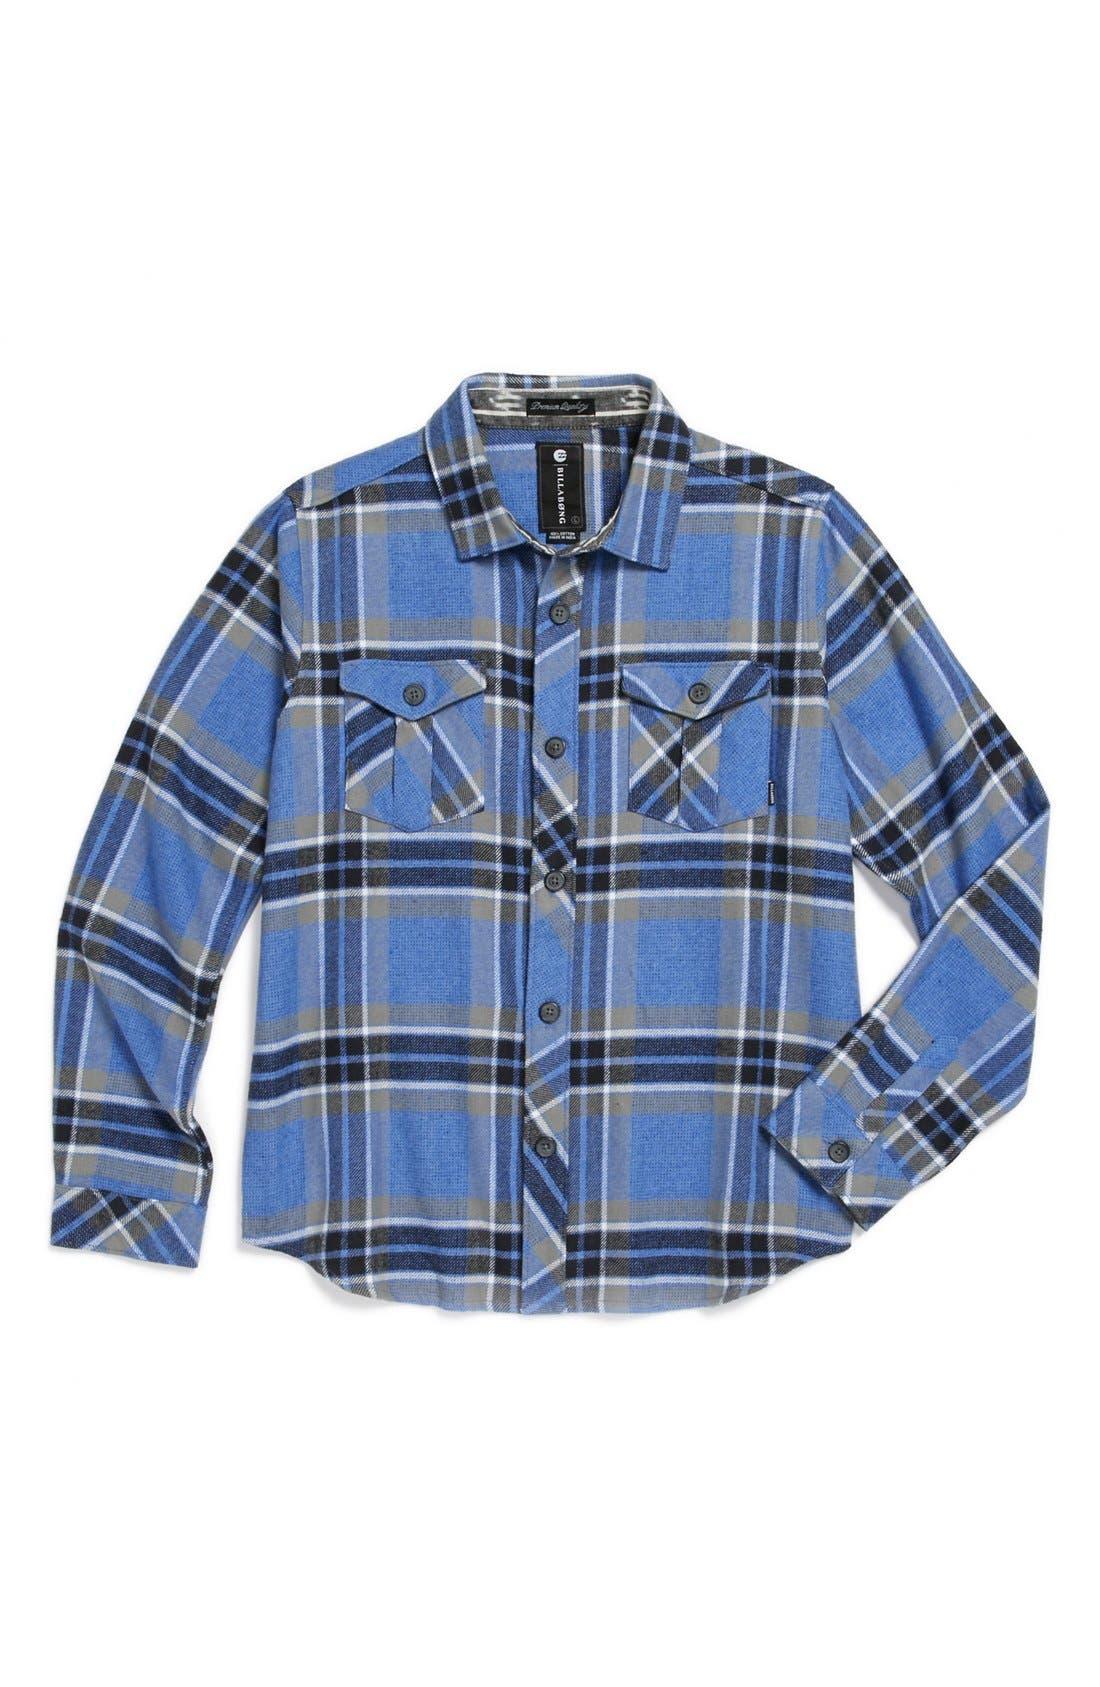 Alternate Image 1 Selected - Billabong 'Woodland' Flannel Sport Shirt (Big Boys)